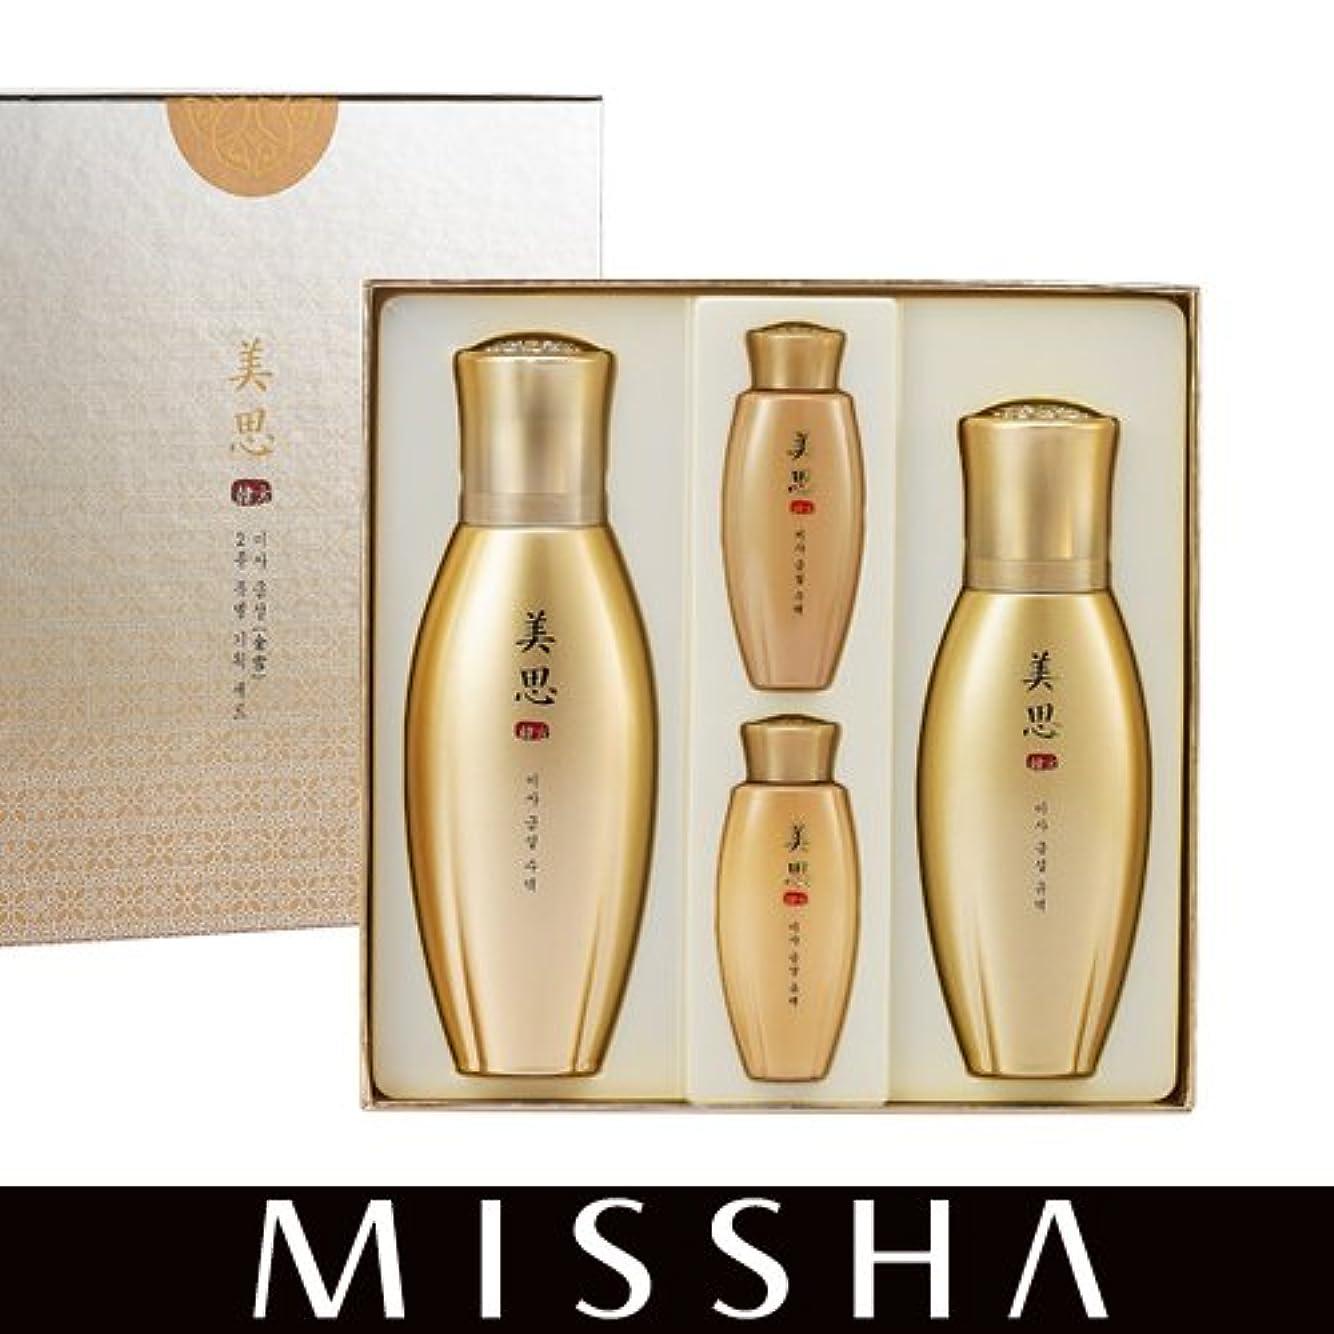 [MISSHA/ミシャ] クムソル2種 特別企画セット/化粧水?乳液[海外直送品]